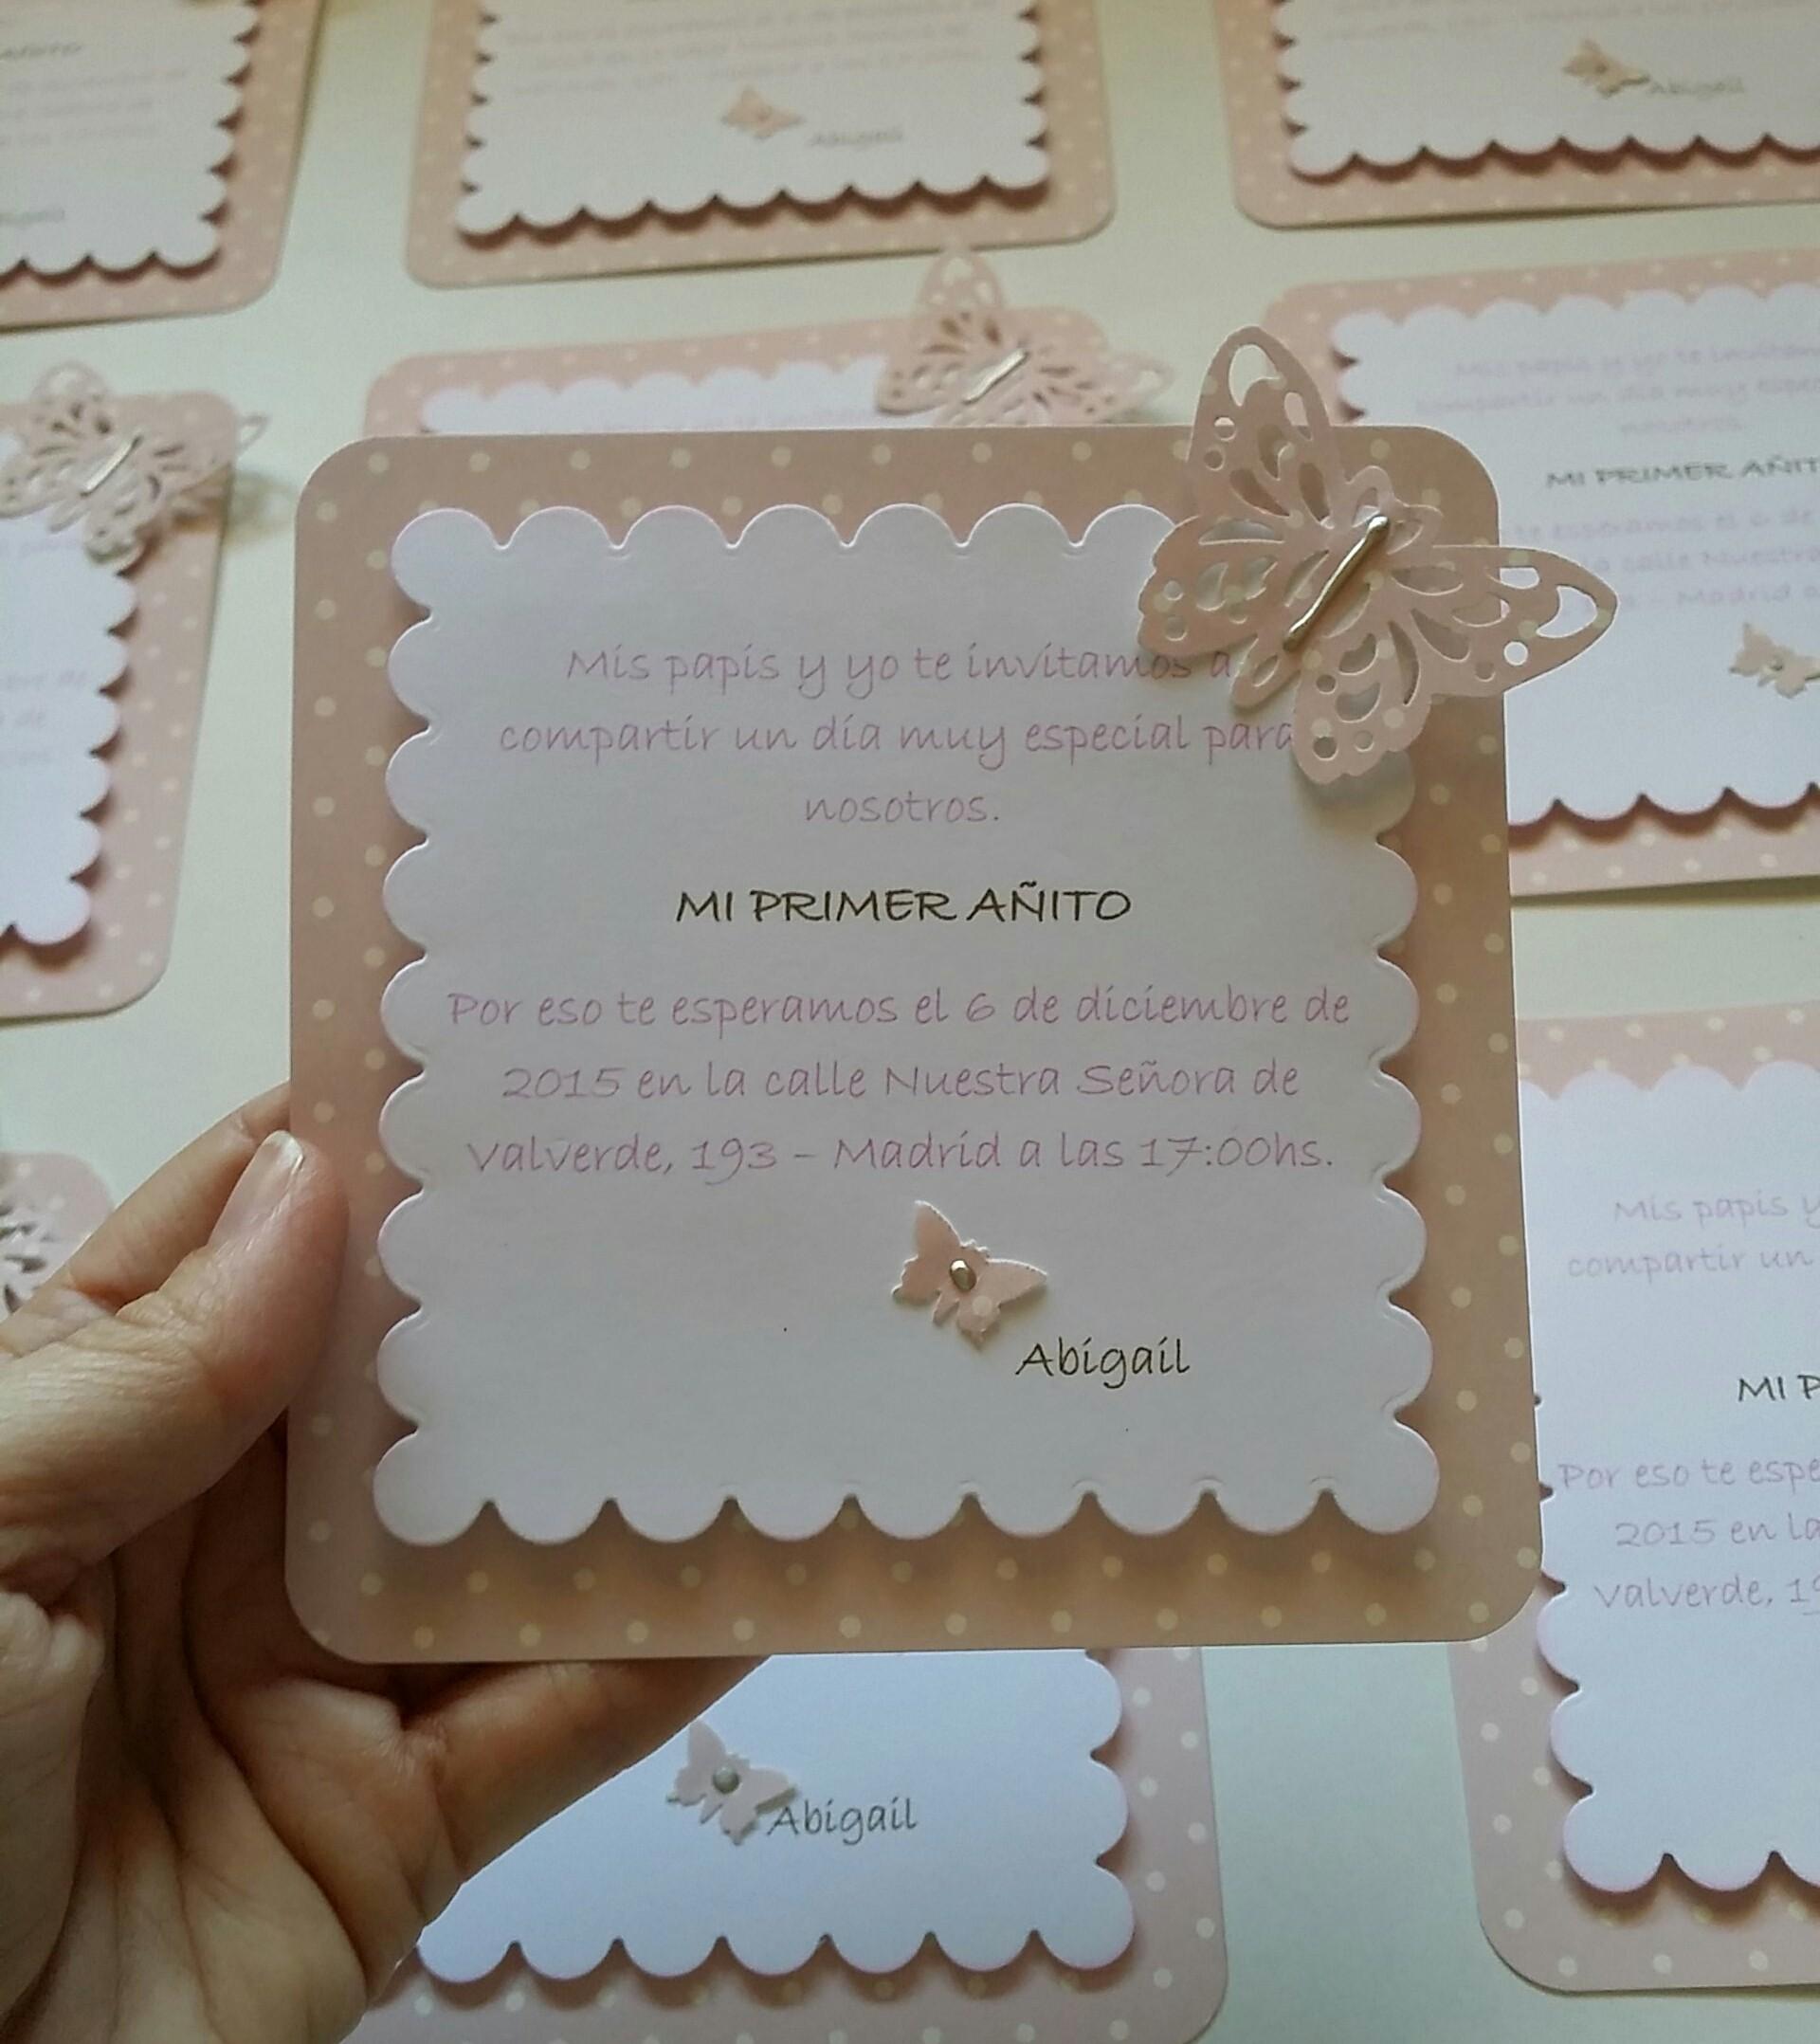 Invitaciones archives entre mariposas y papeles - Como hacer tarjetas para comunion ...